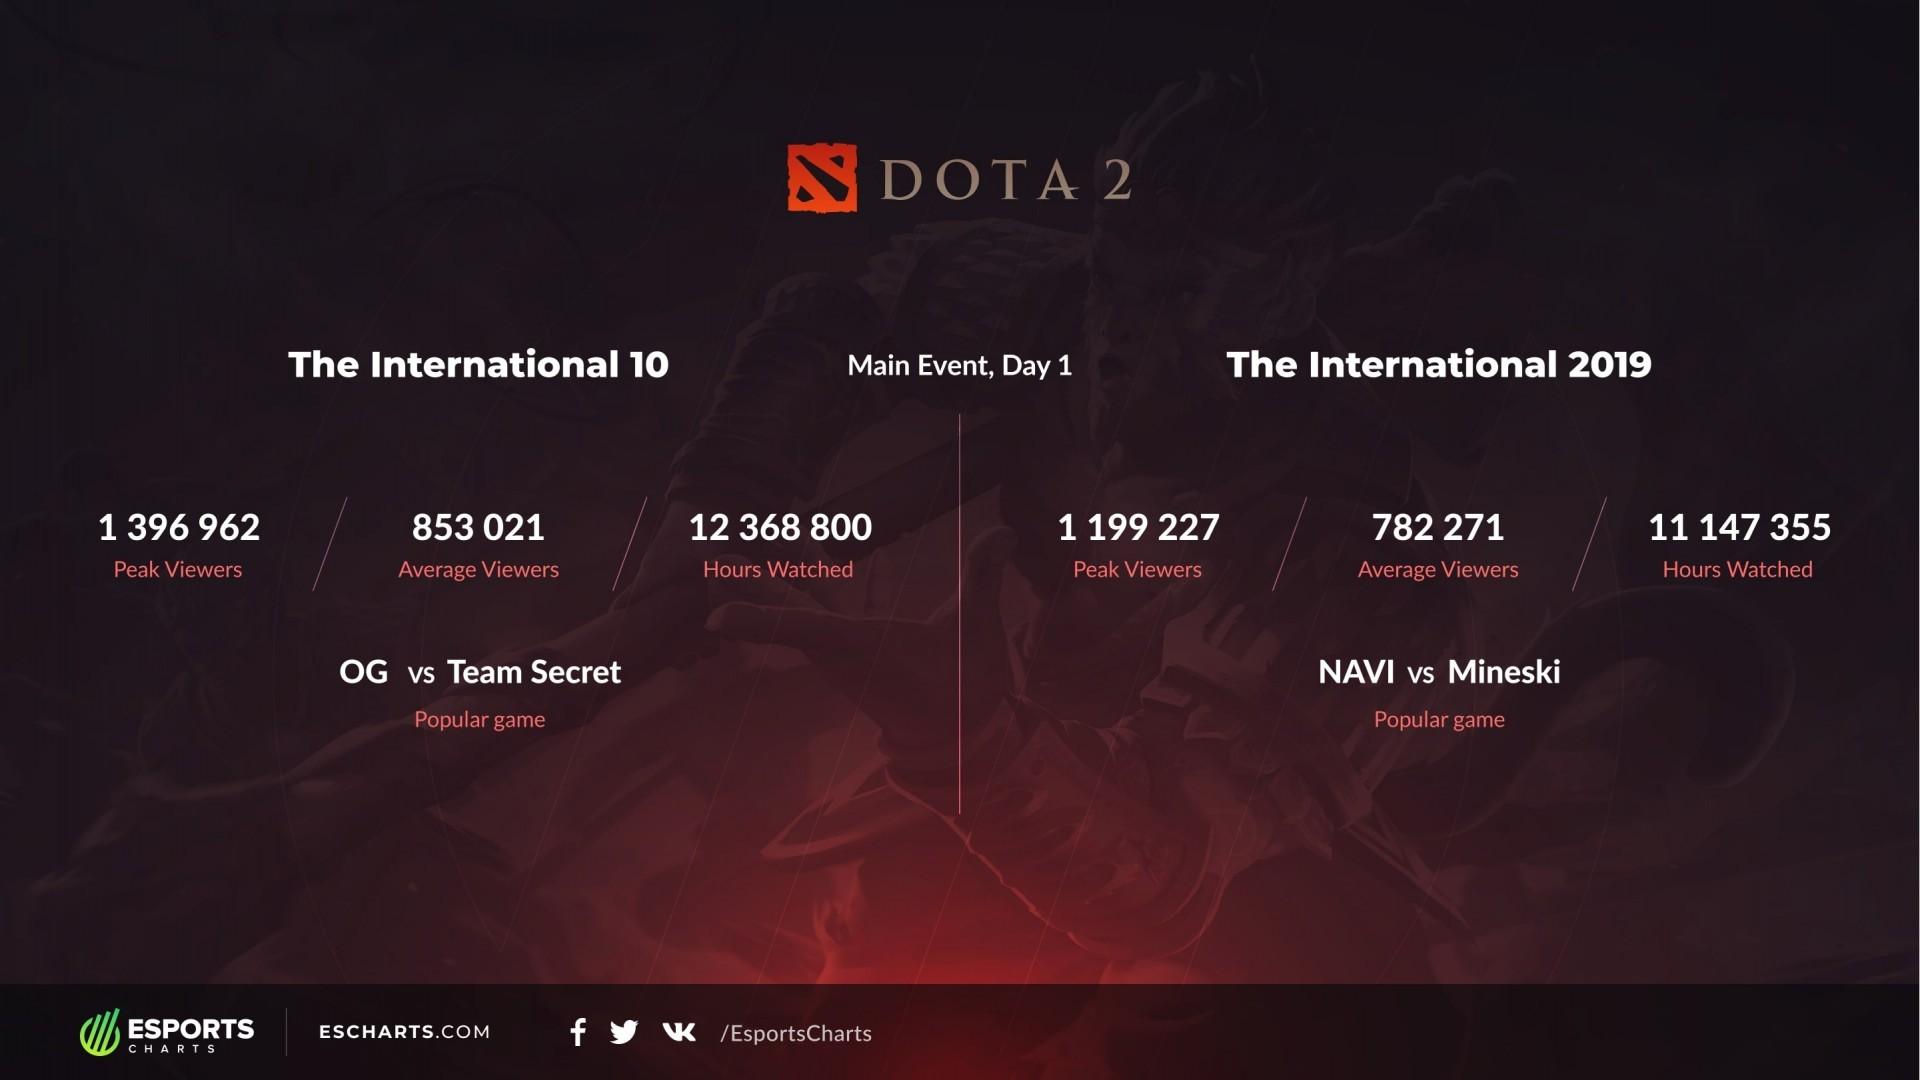 Матч OG vs Secret поставил рекорд первого дня плейофф за всю историю The International